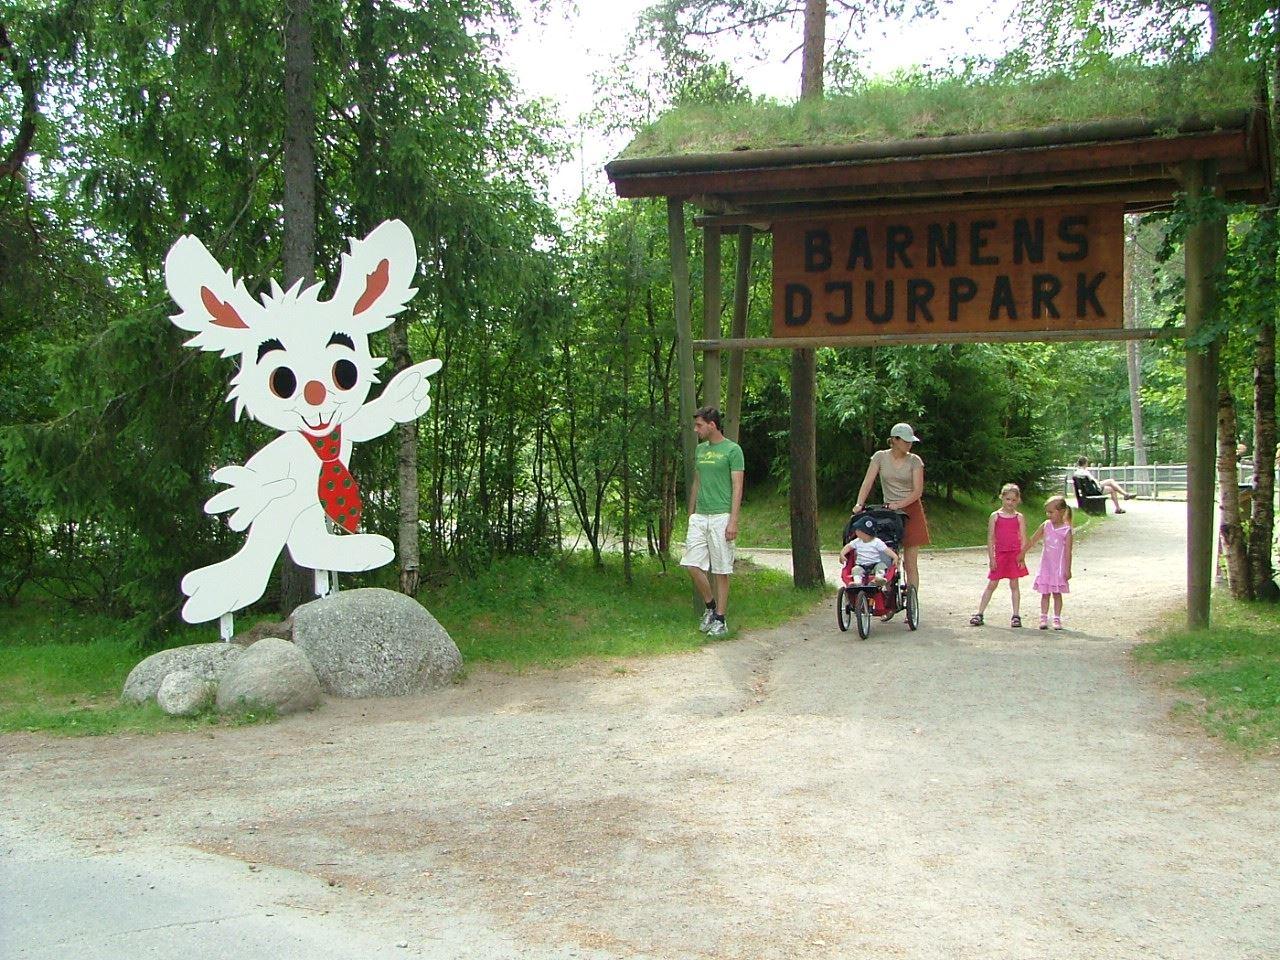 Lycksele Djurpark